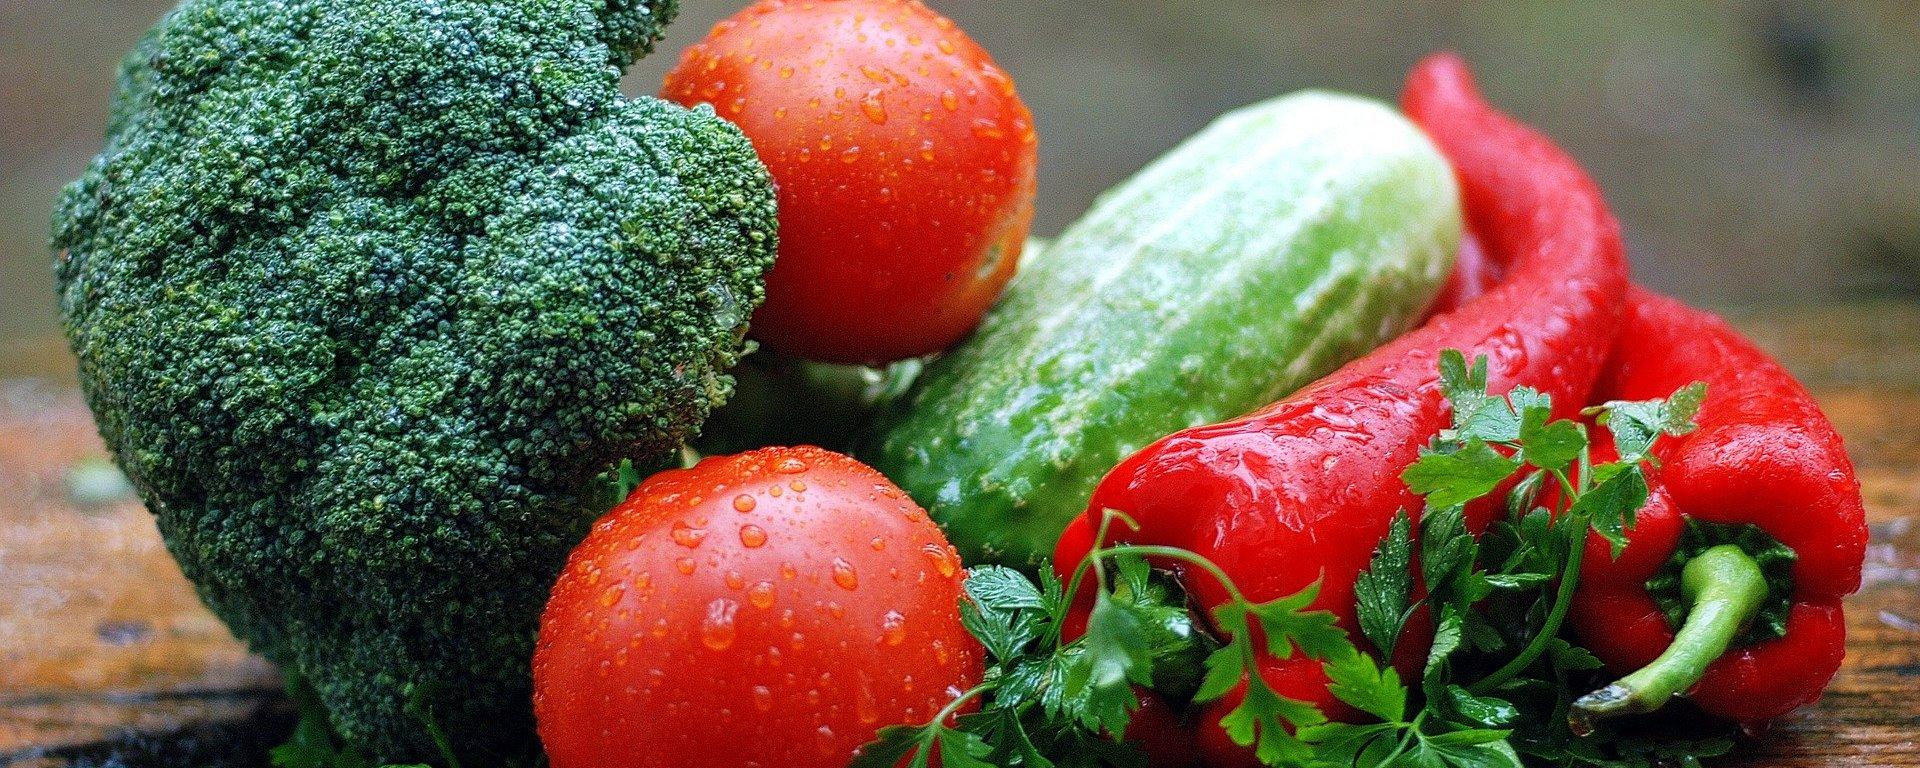 tips menyimpan sayuran agar tahan lama